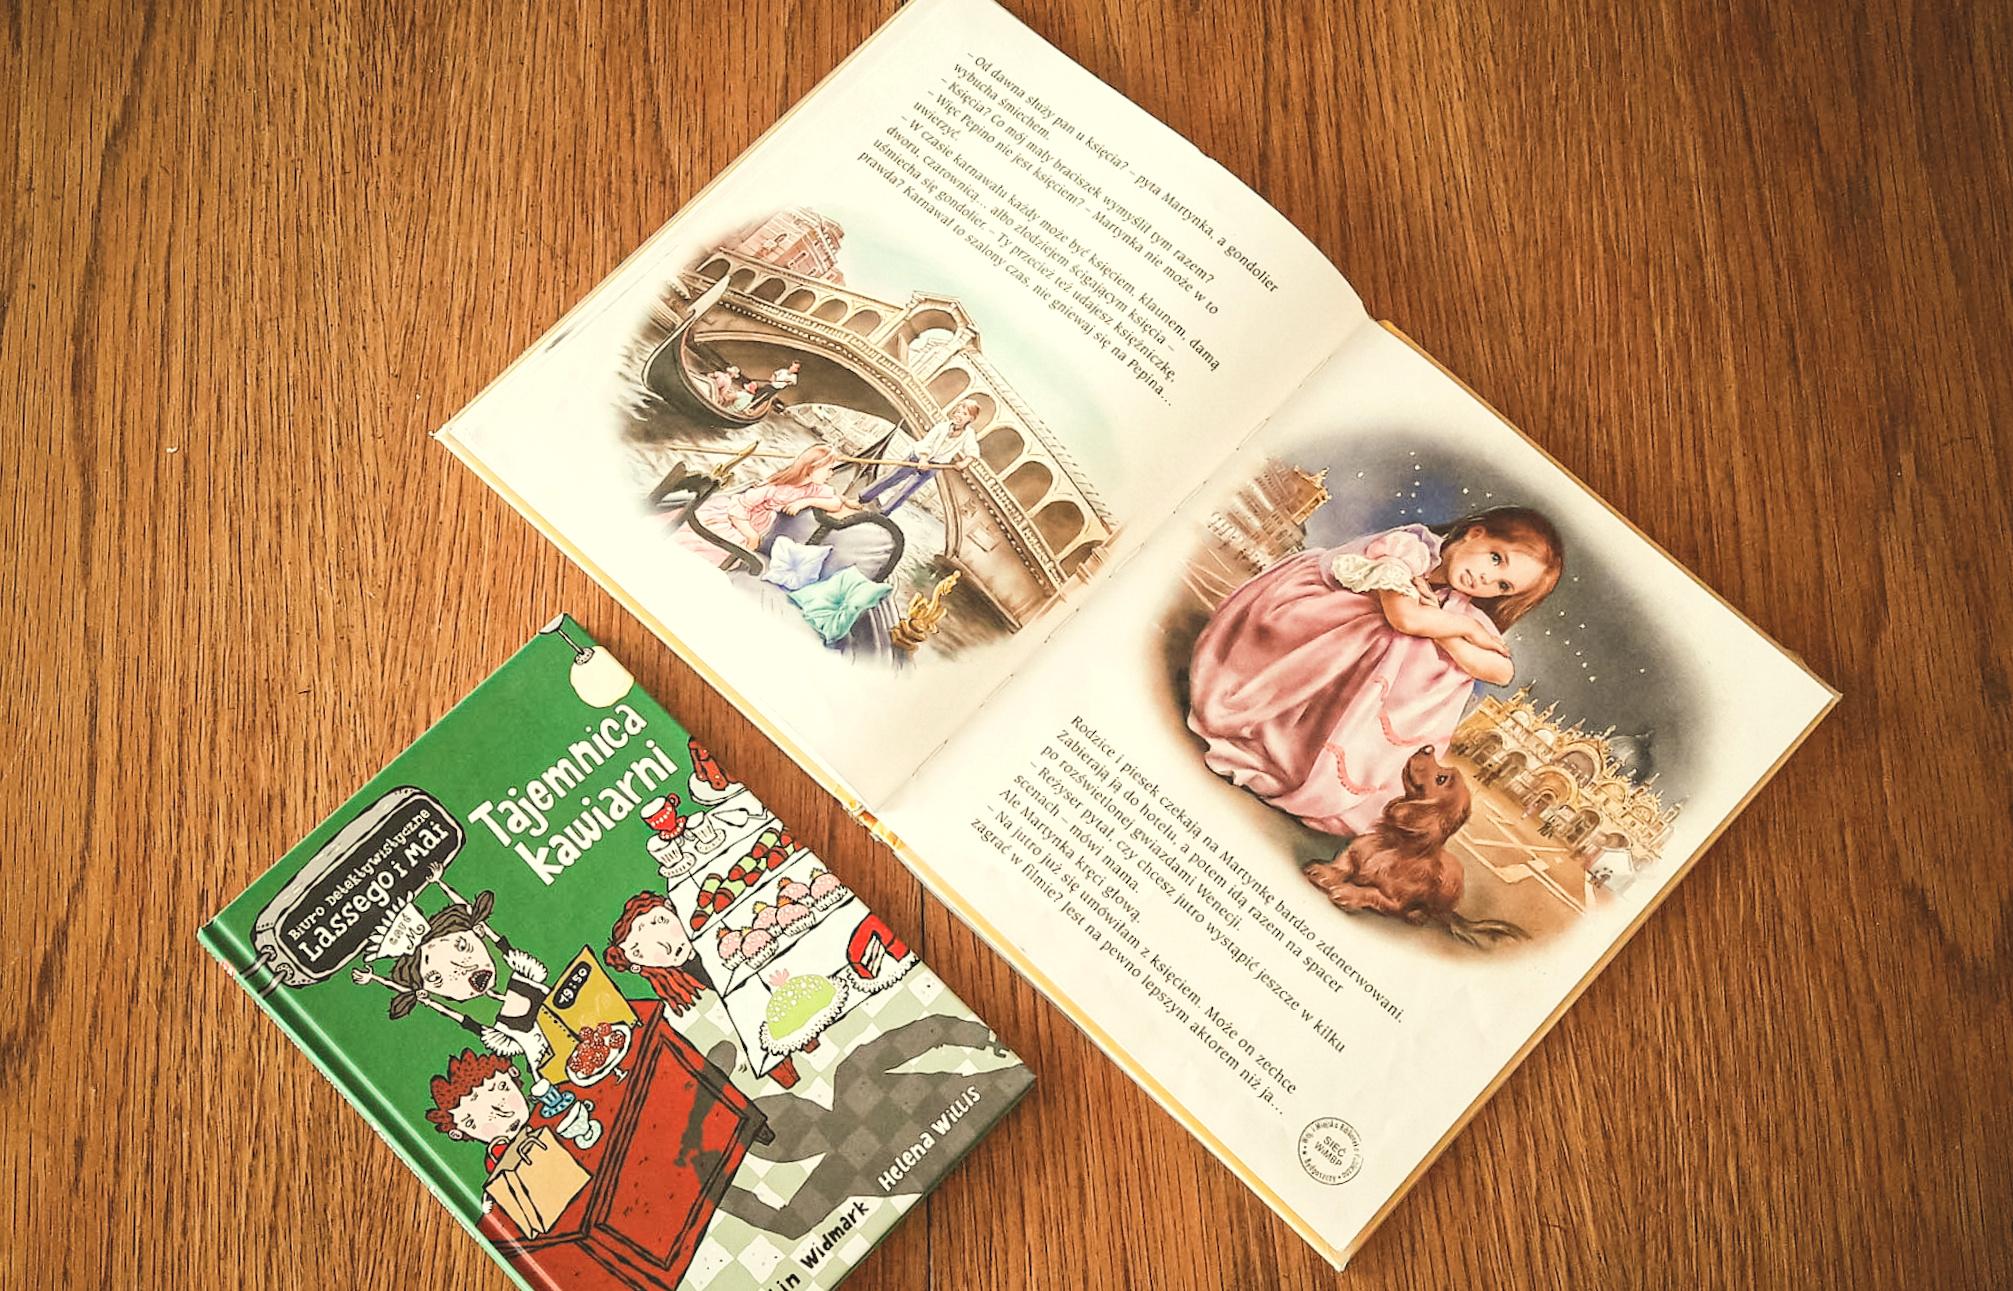 książki o Włoszech dla dzieci, książki dla dzieci, Biuro detektywistyczne lassego i mai, Tajemnica kawiarni, książki o kawiarni, co robić w domu